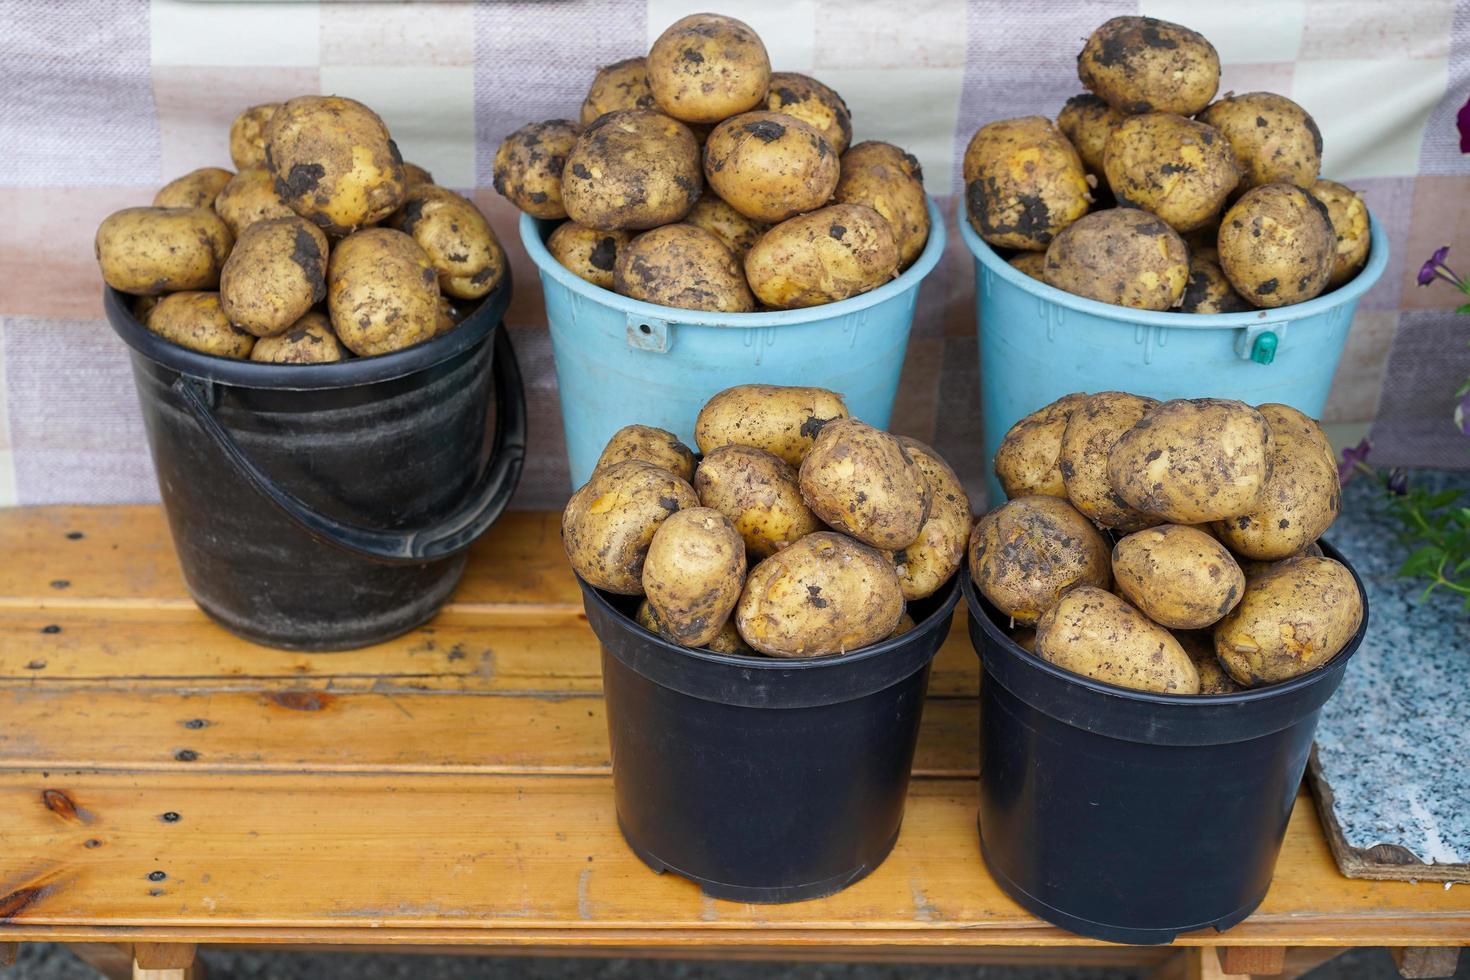 patate in secchi su una superficie di legno foto